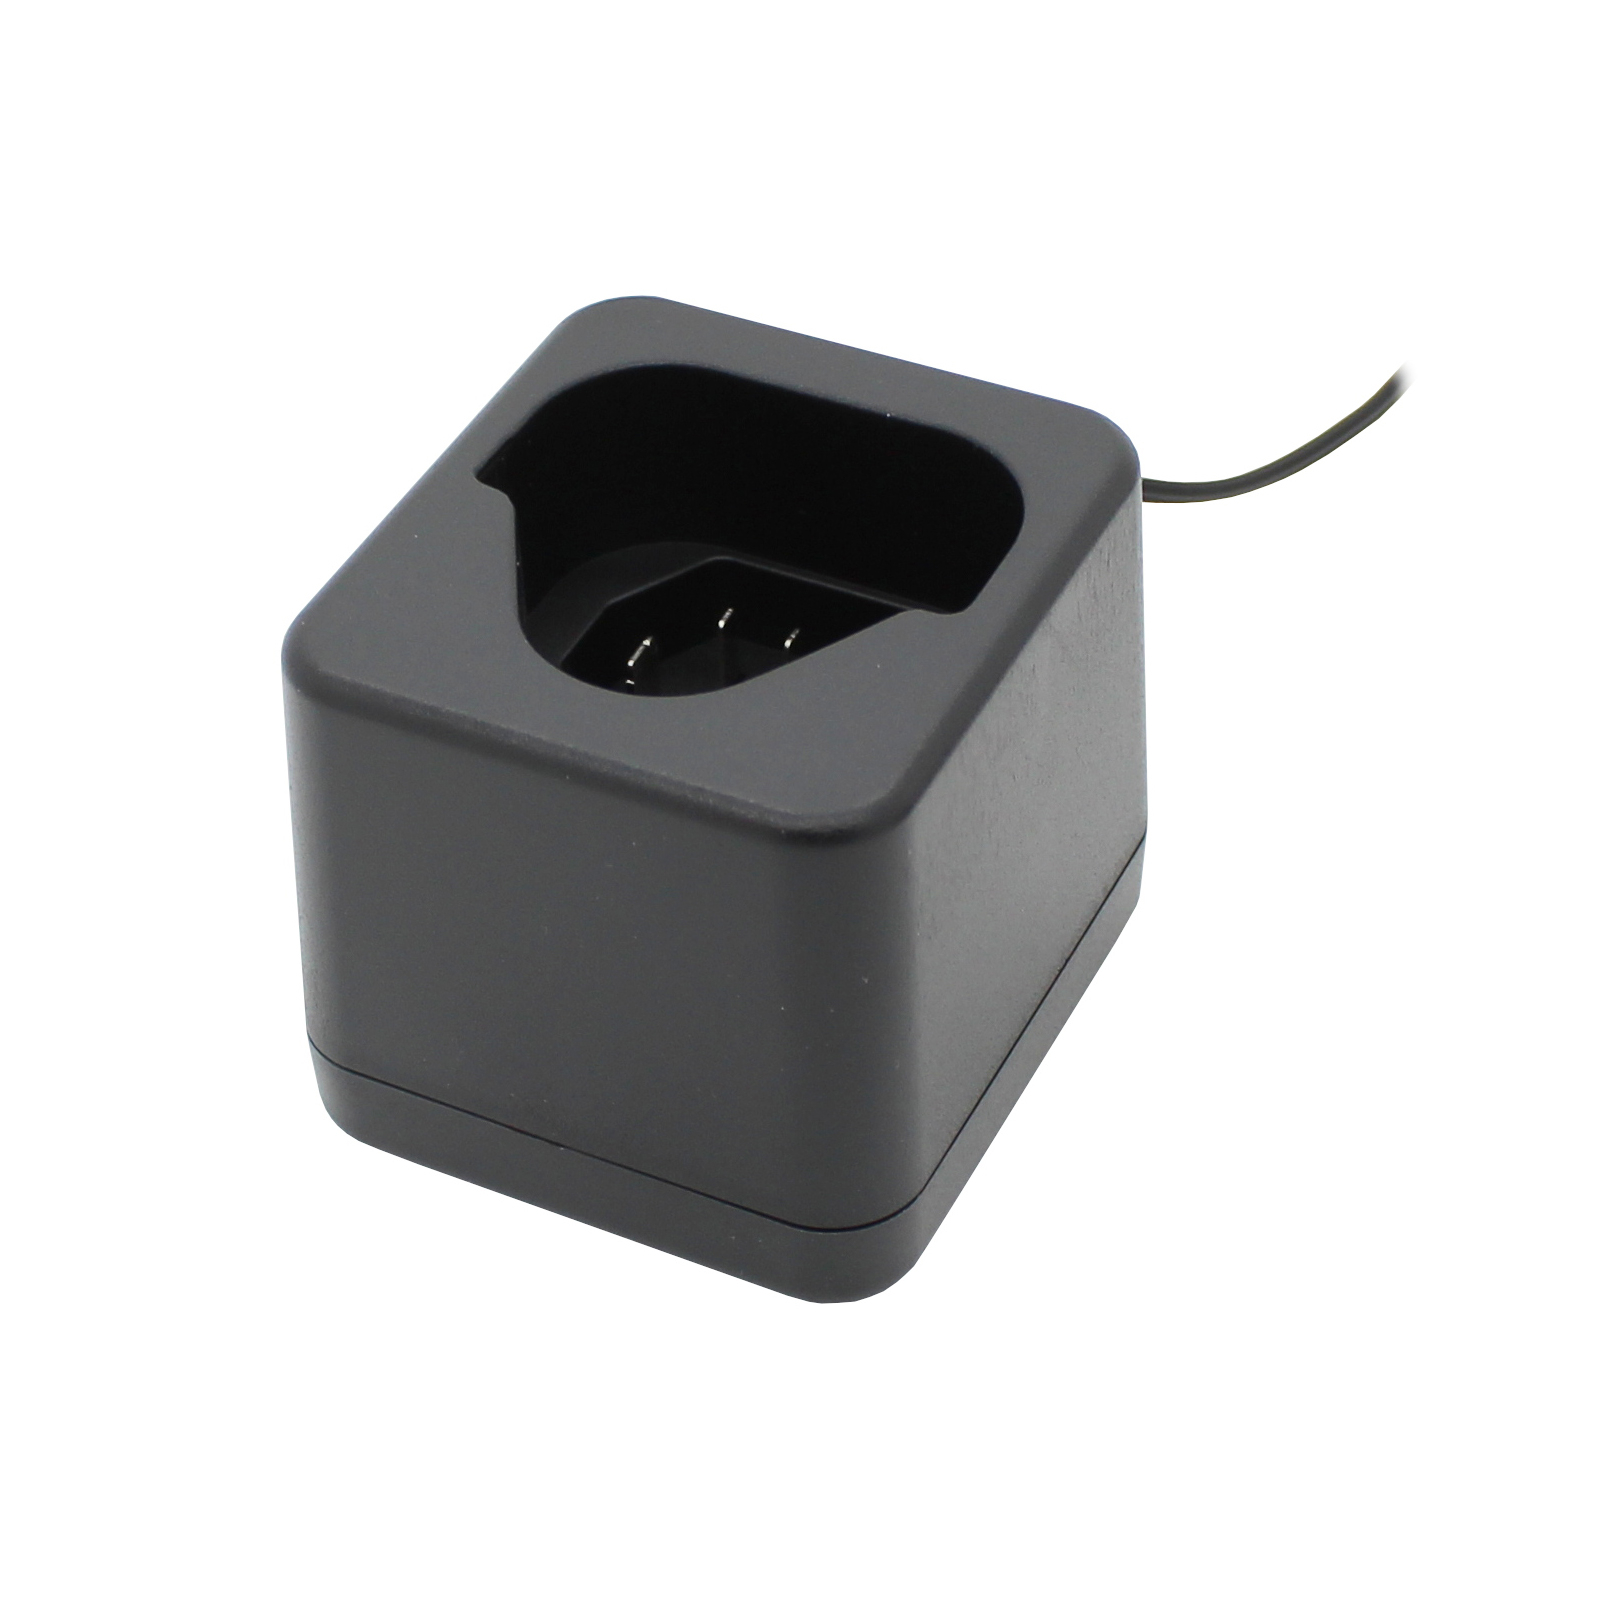 Makita 18V LiIon Basic Ladegerät mit 1.0A Ladestrom